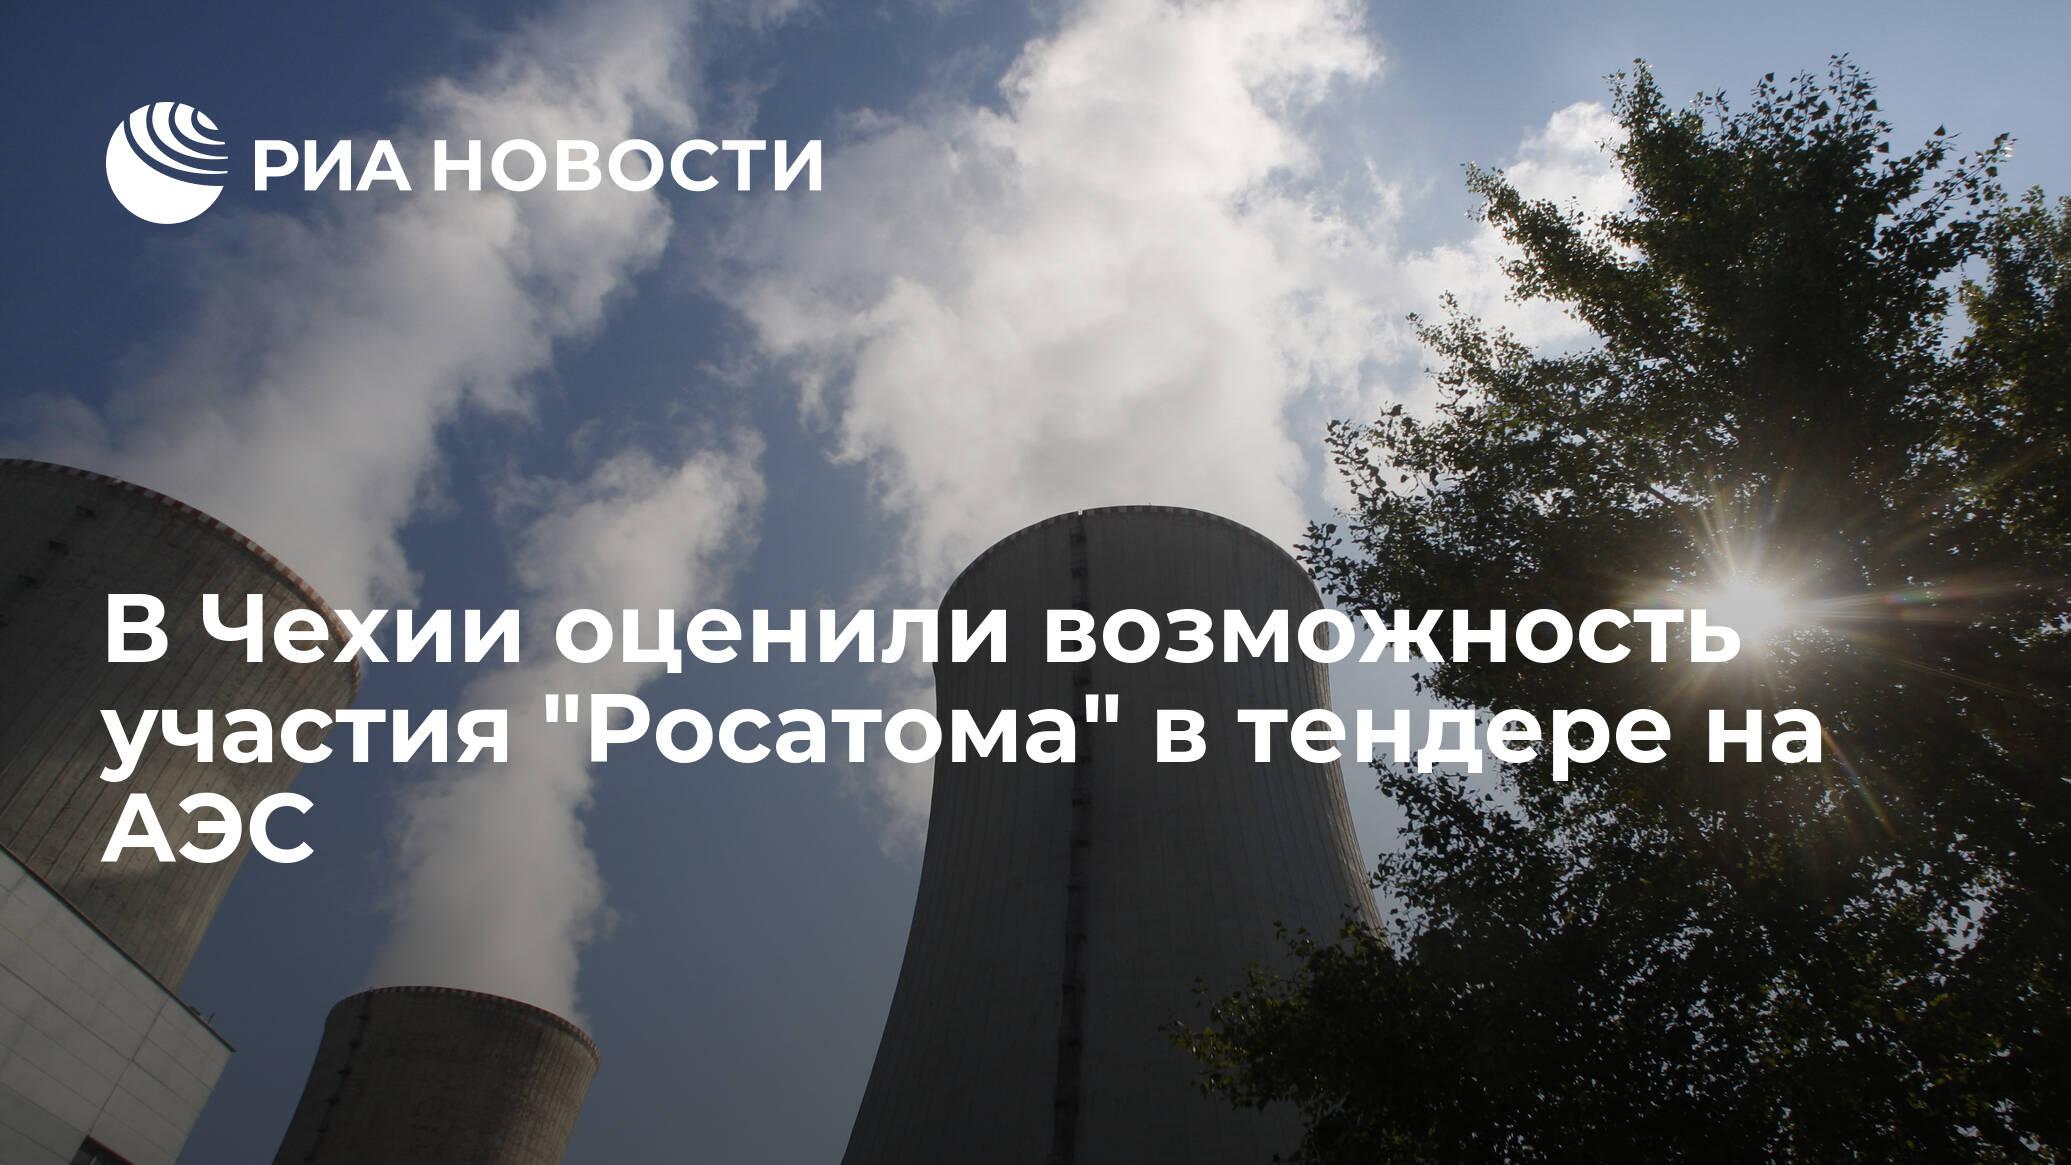 """В Чехии оценили возможность участия """"Росатома"""" в тендере на АЭС"""